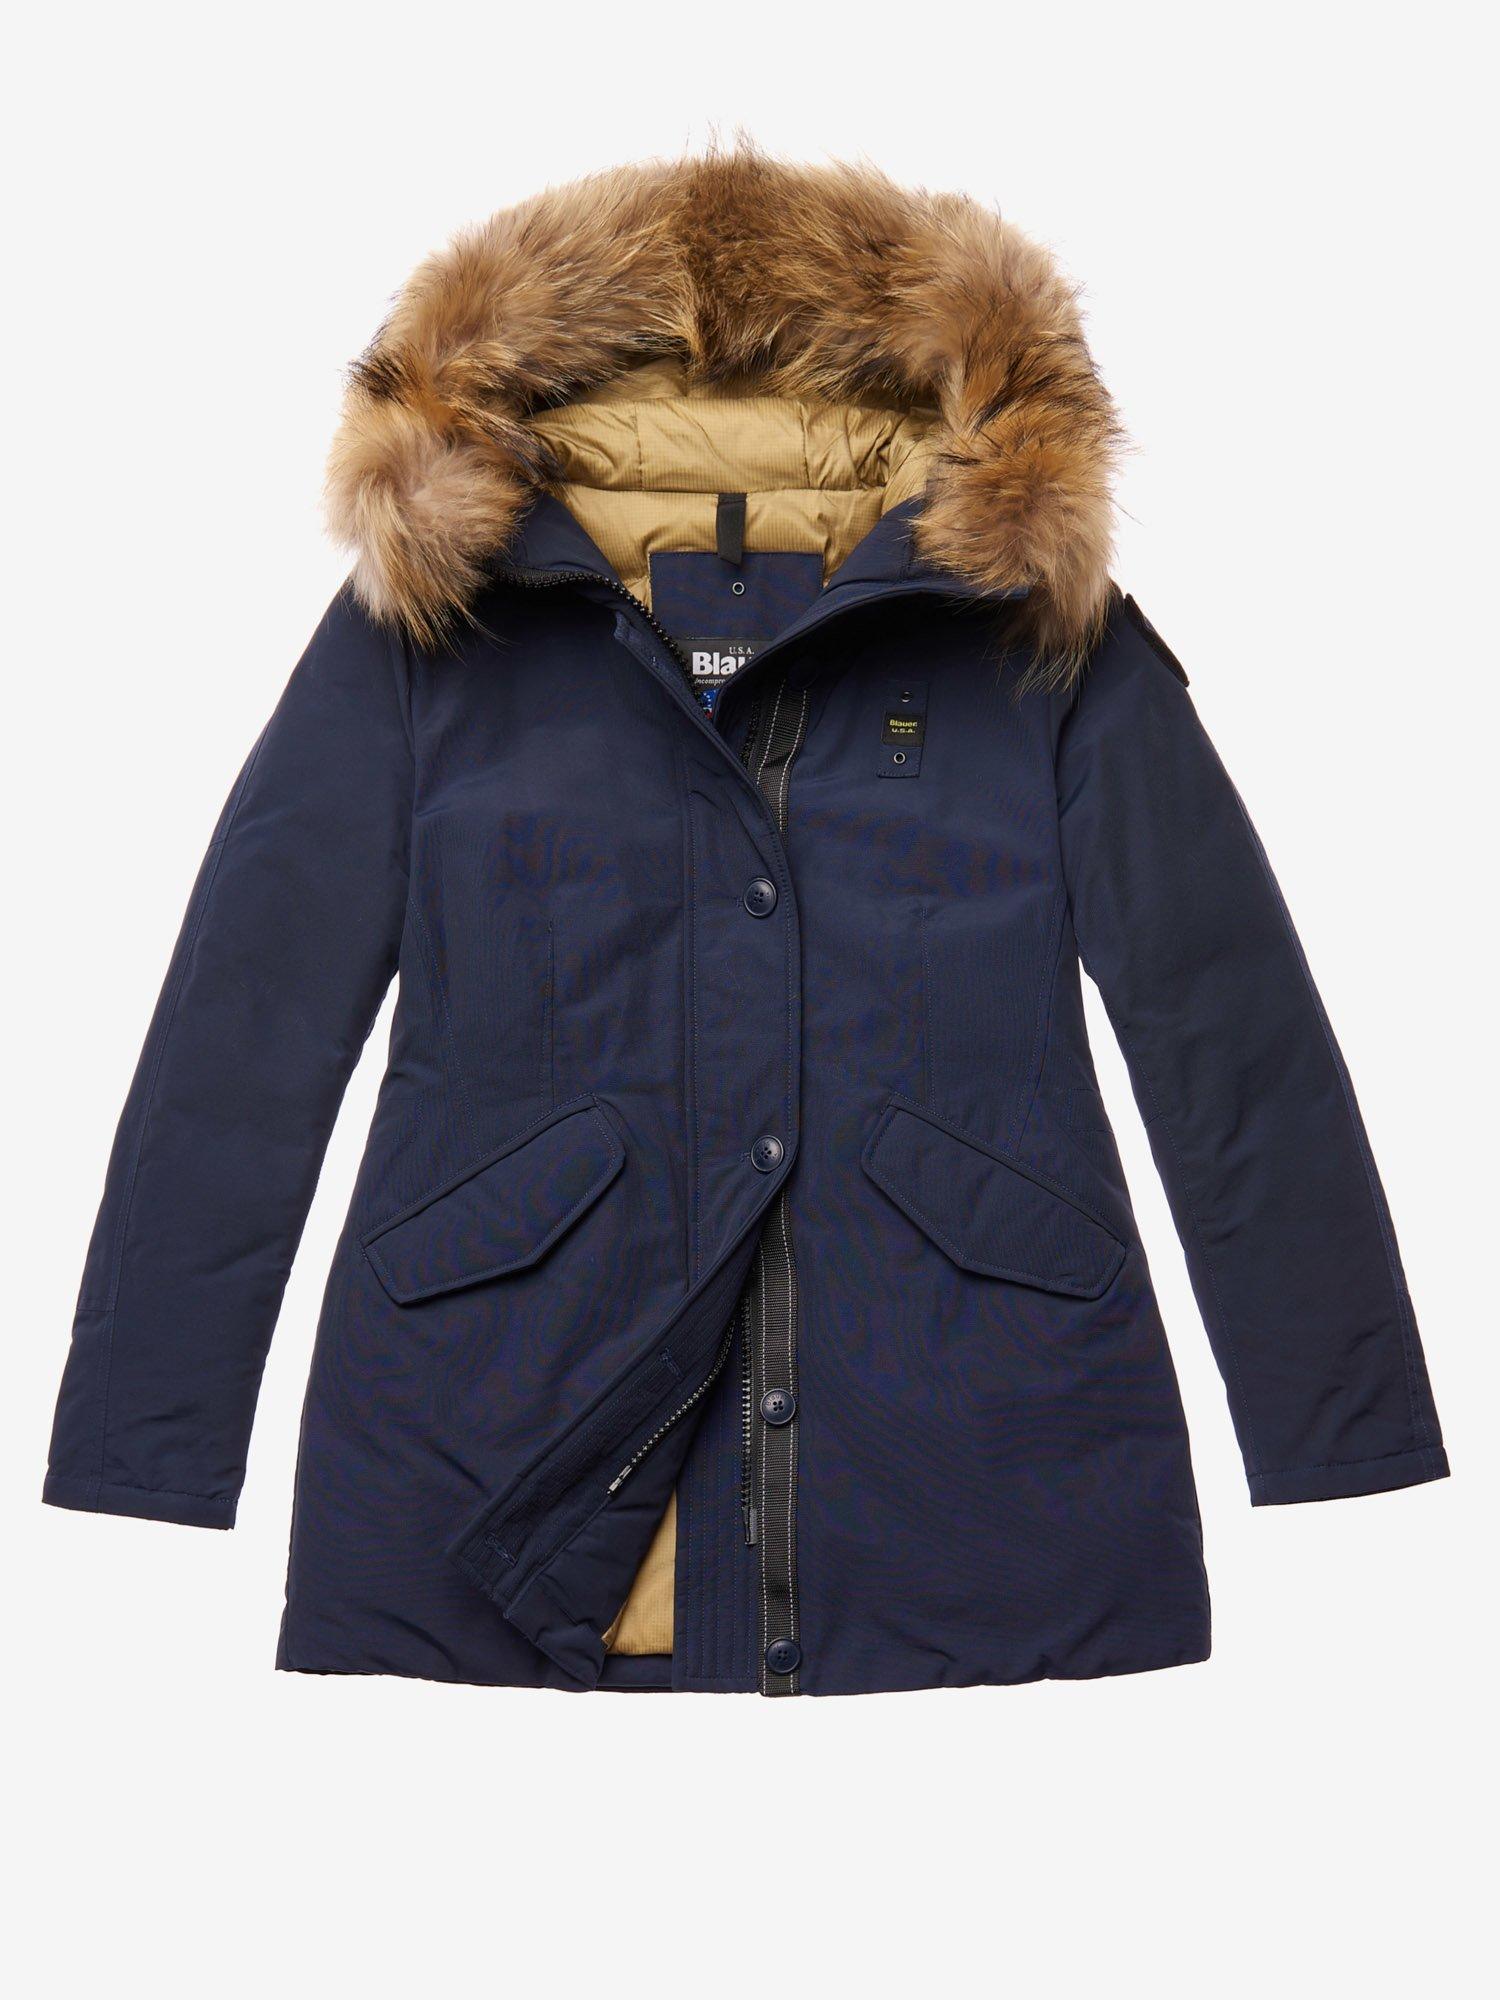 Parka Blauer donna collezione inverno 2020 prezzo 573 euro colore blu in tessuto taslan